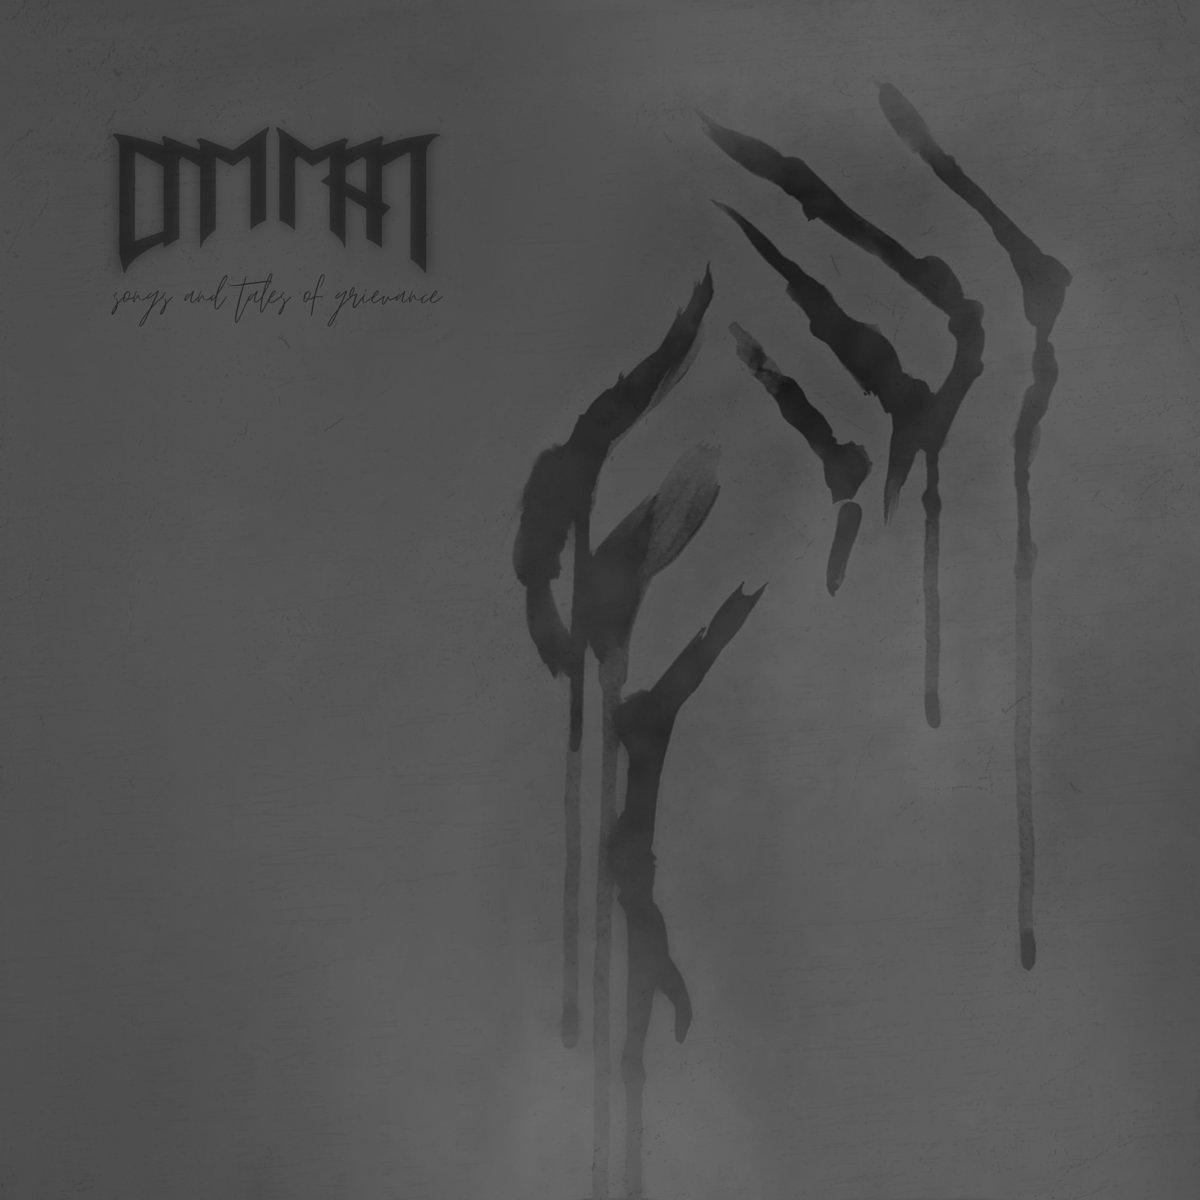 DIMMAN - album